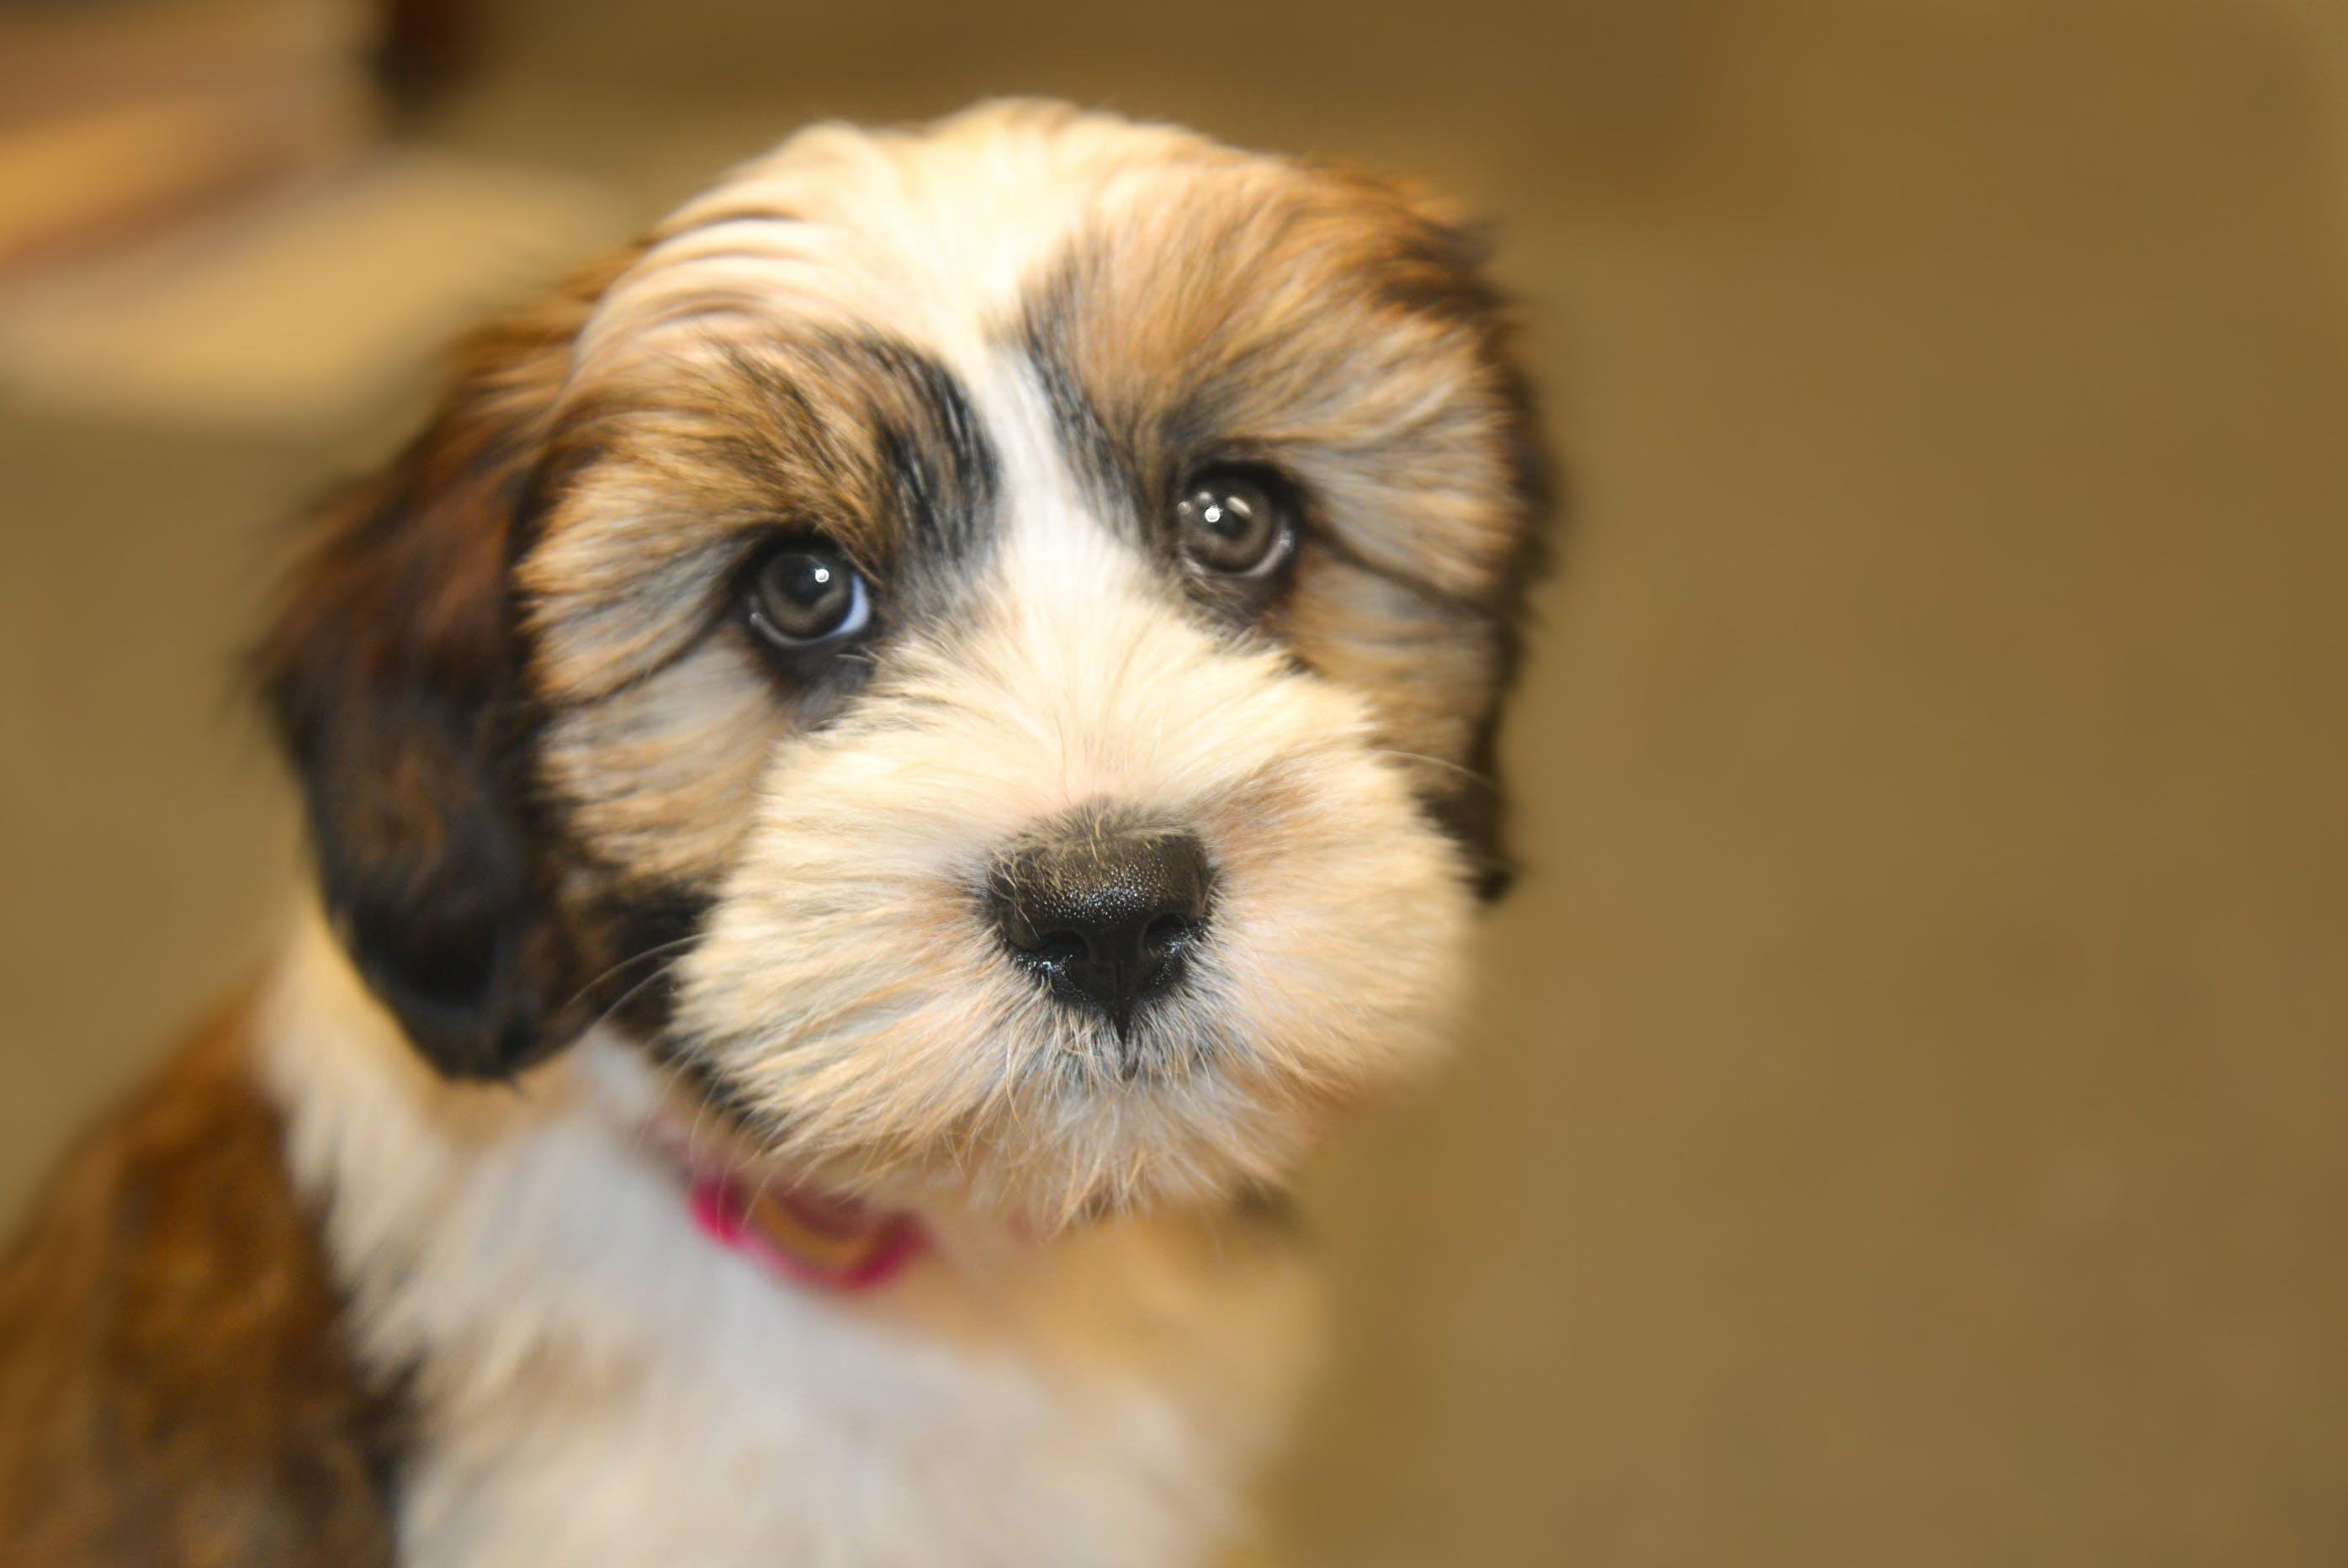 Close Up Photo of Shih Tzu Puppy